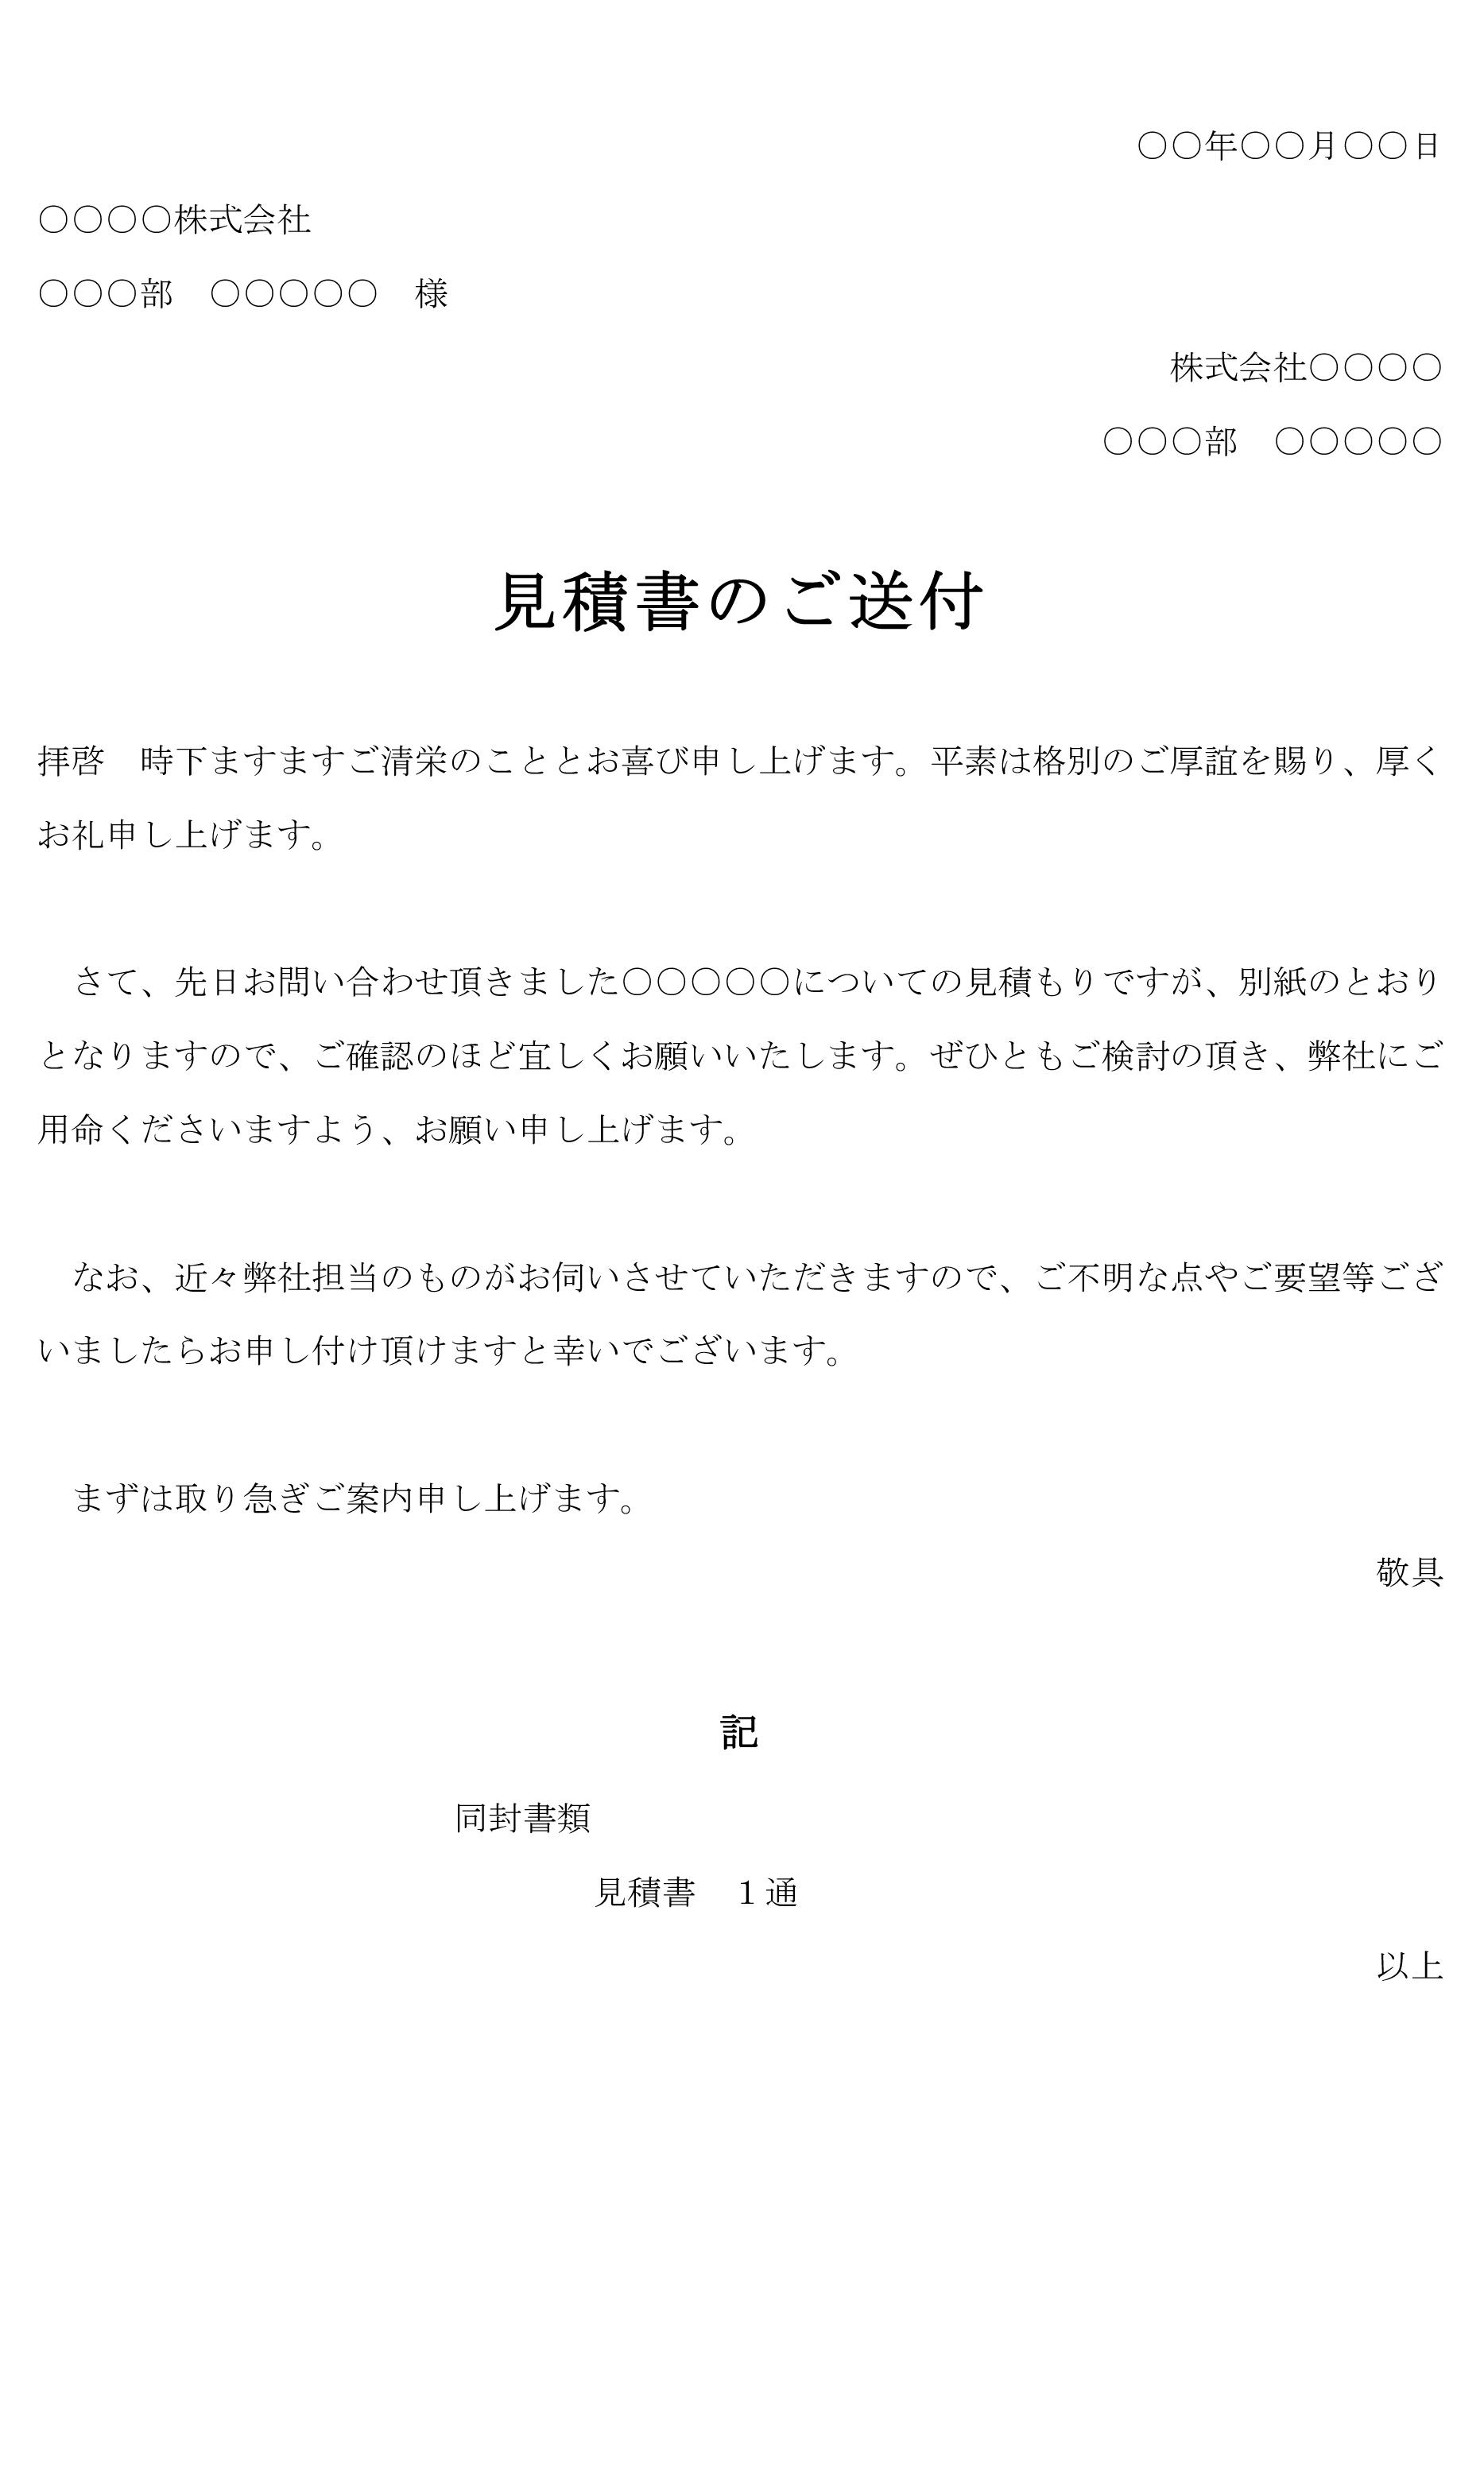 送付状(見積書)03